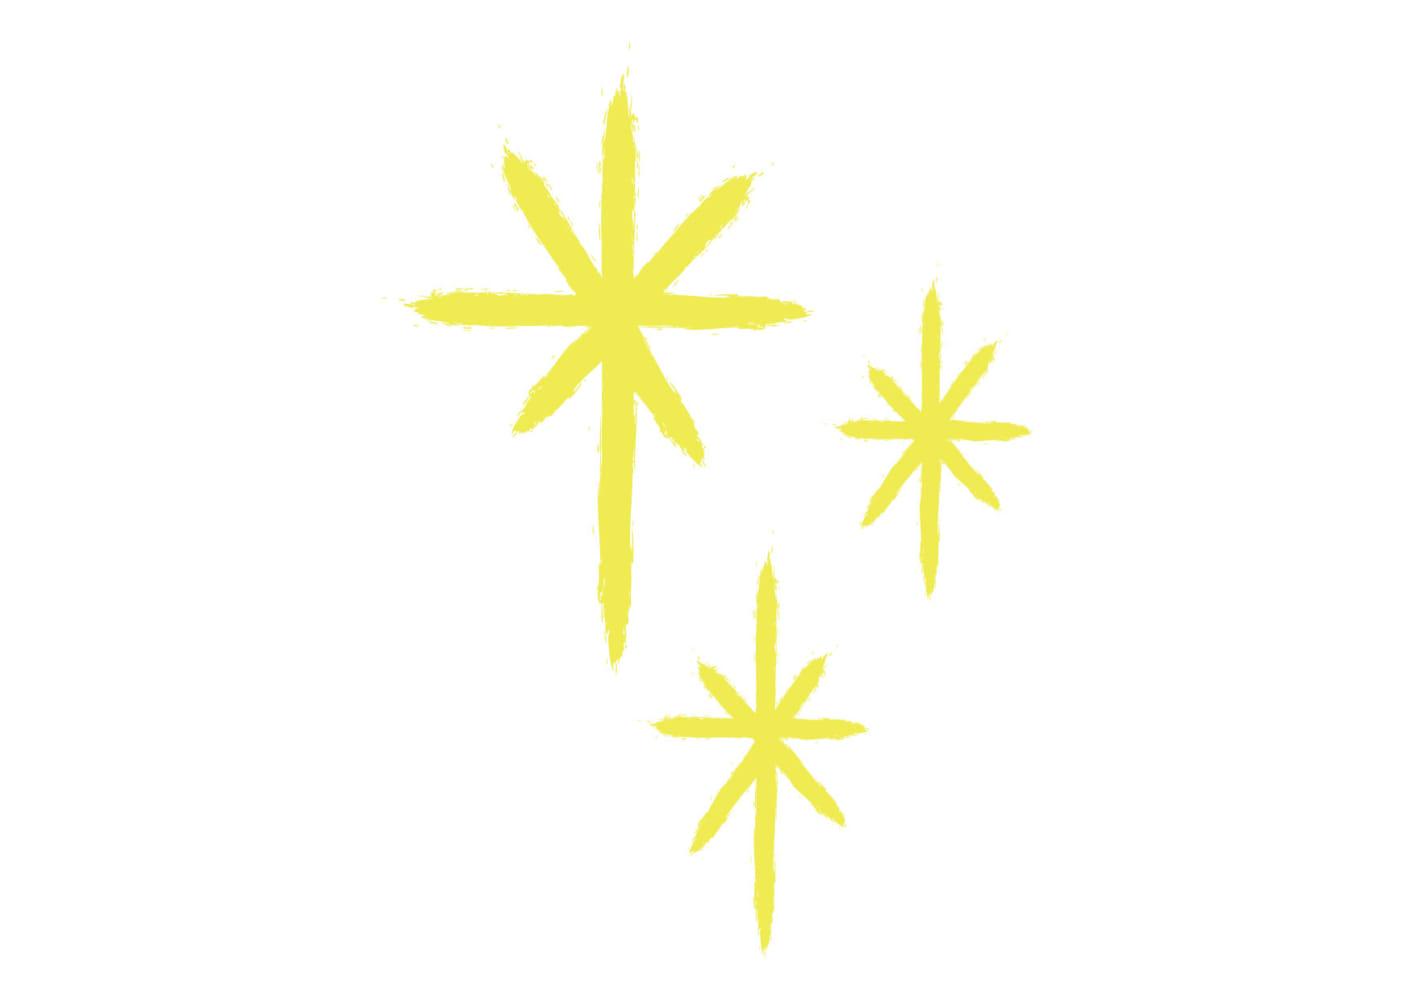 手書き キラキラ 光 黄色 イラスト 無料